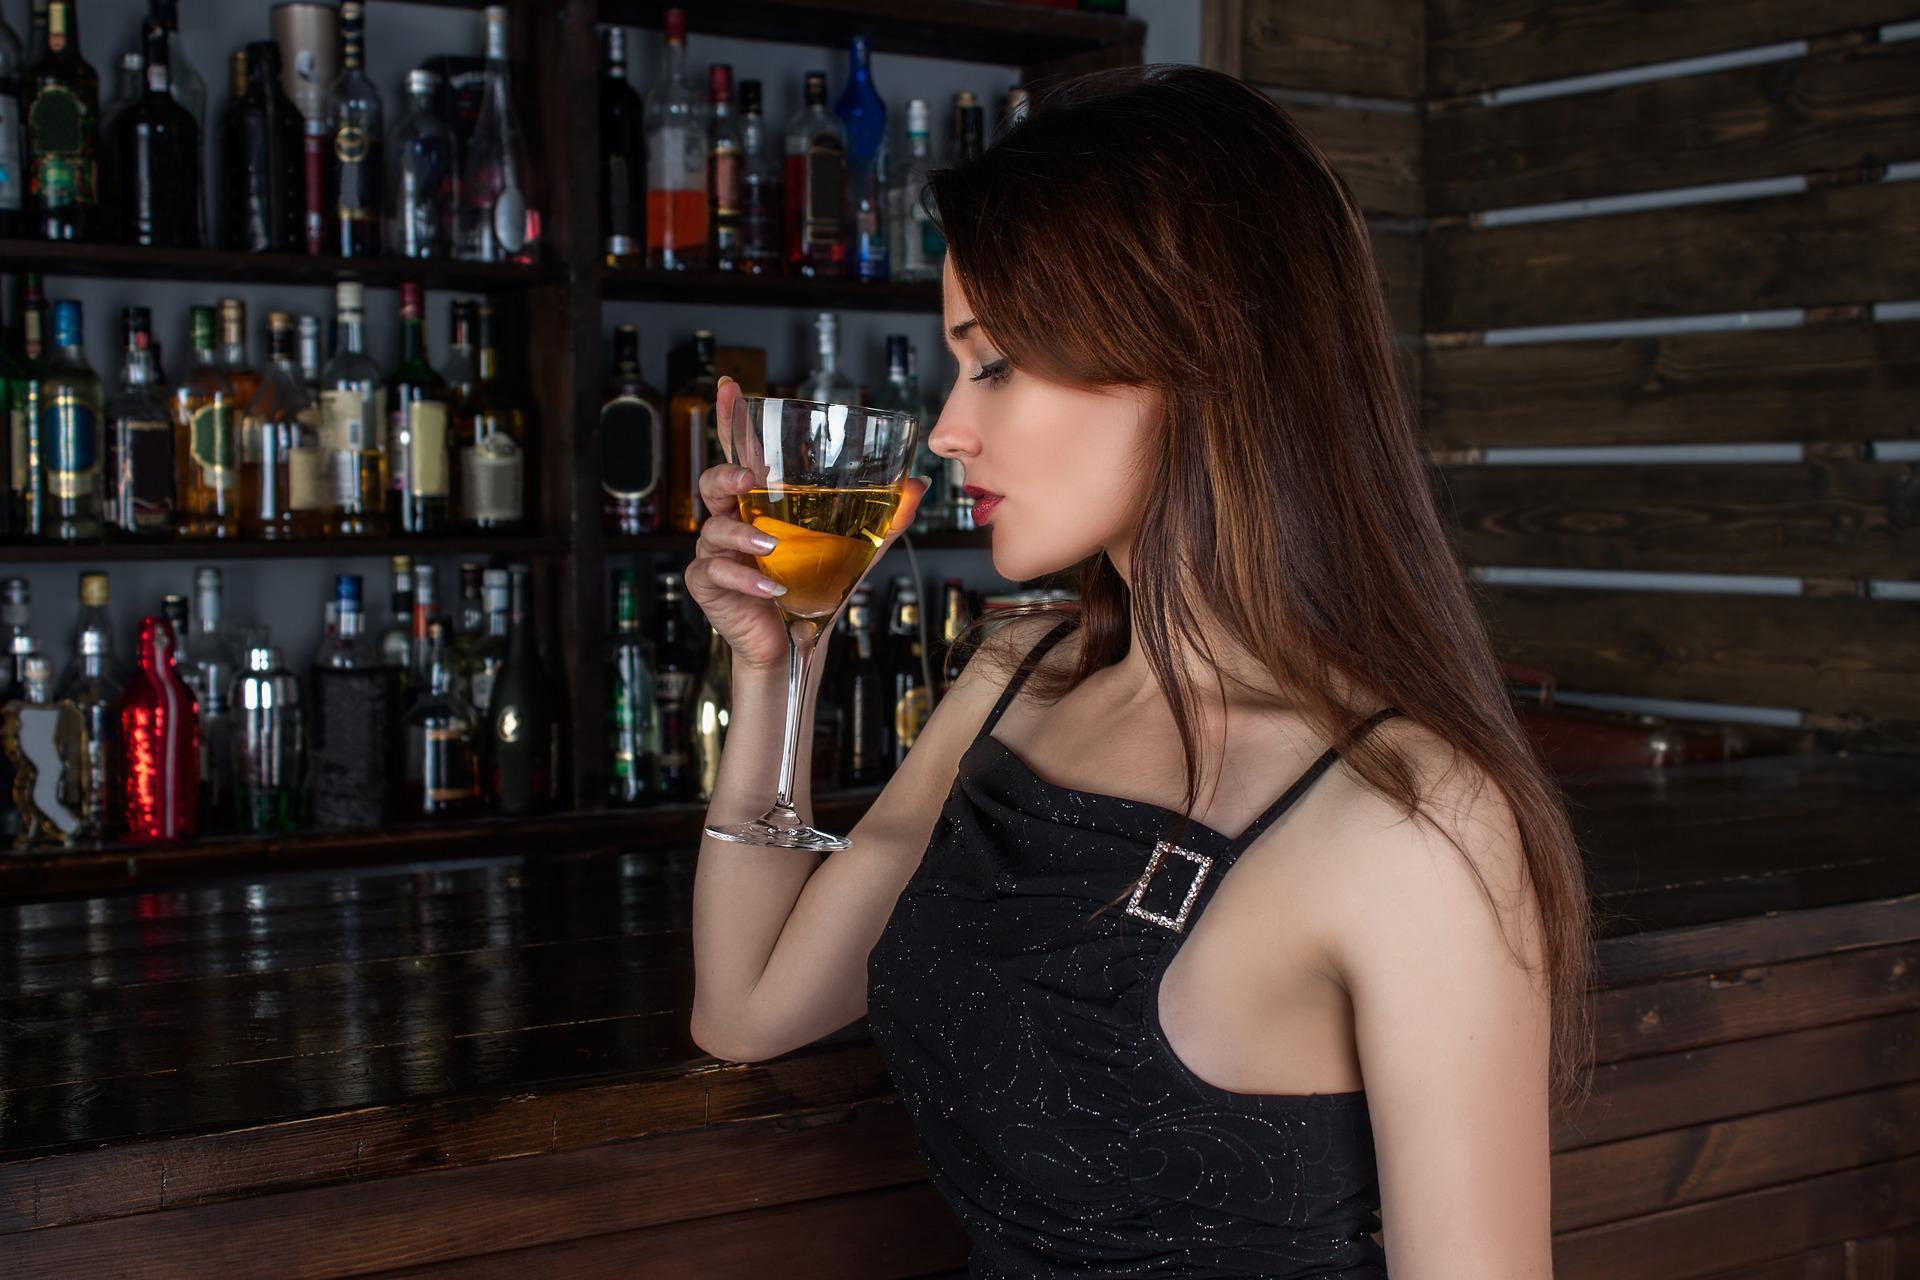 失敗したくないお酒選び。プチ贅沢なおすすめのウィスキー3選